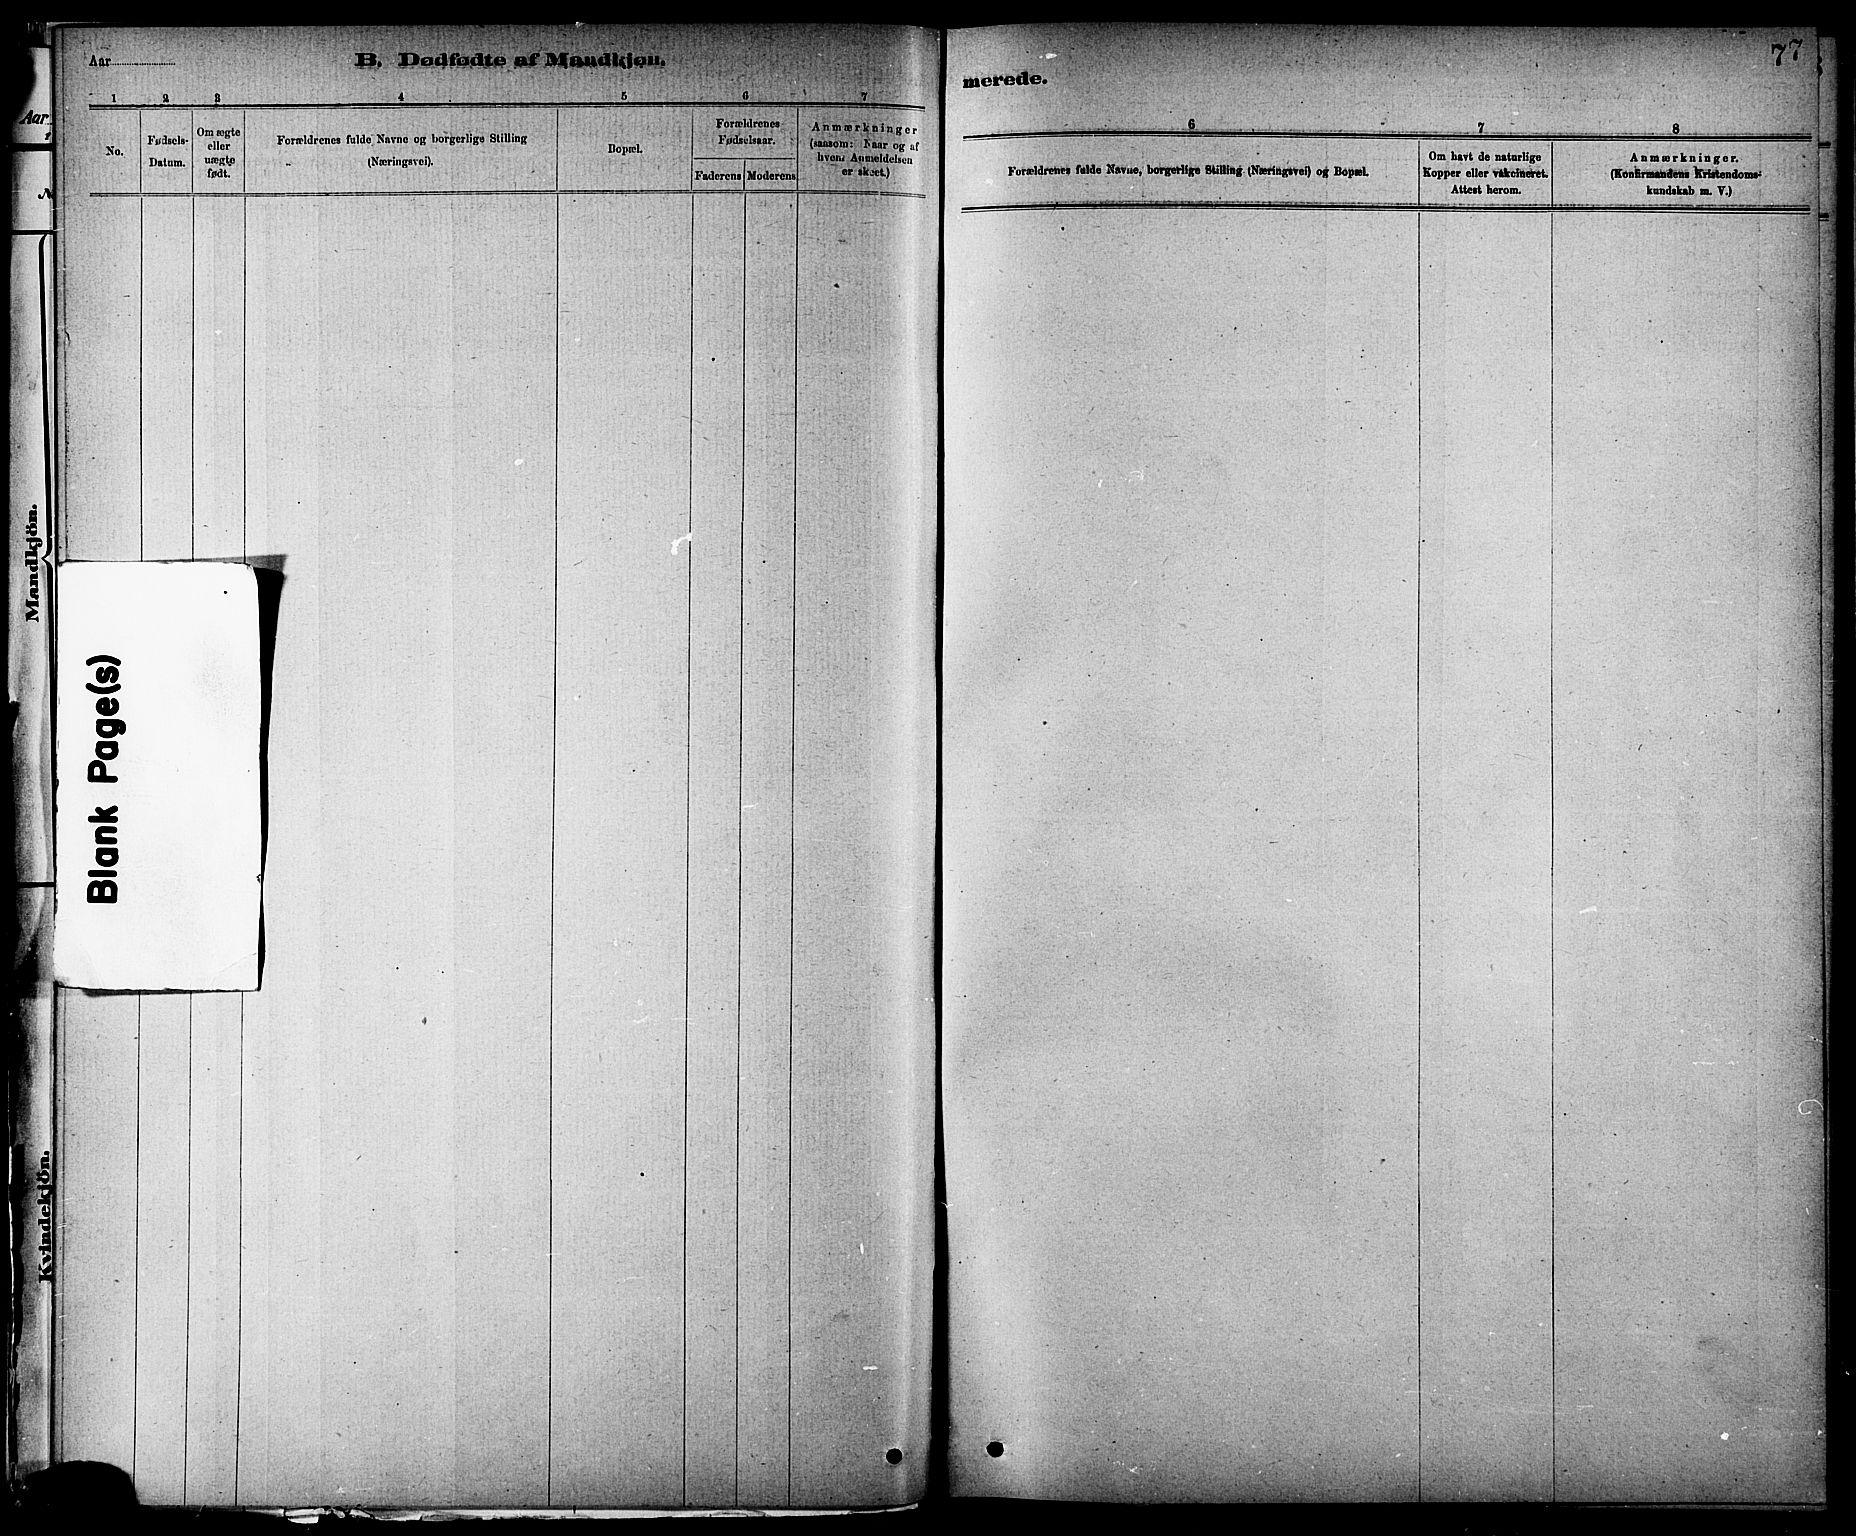 SAT, Ministerialprotokoller, klokkerbøker og fødselsregistre - Nord-Trøndelag, 744/L0423: Klokkerbok nr. 744C02, 1886-1905, s. 77